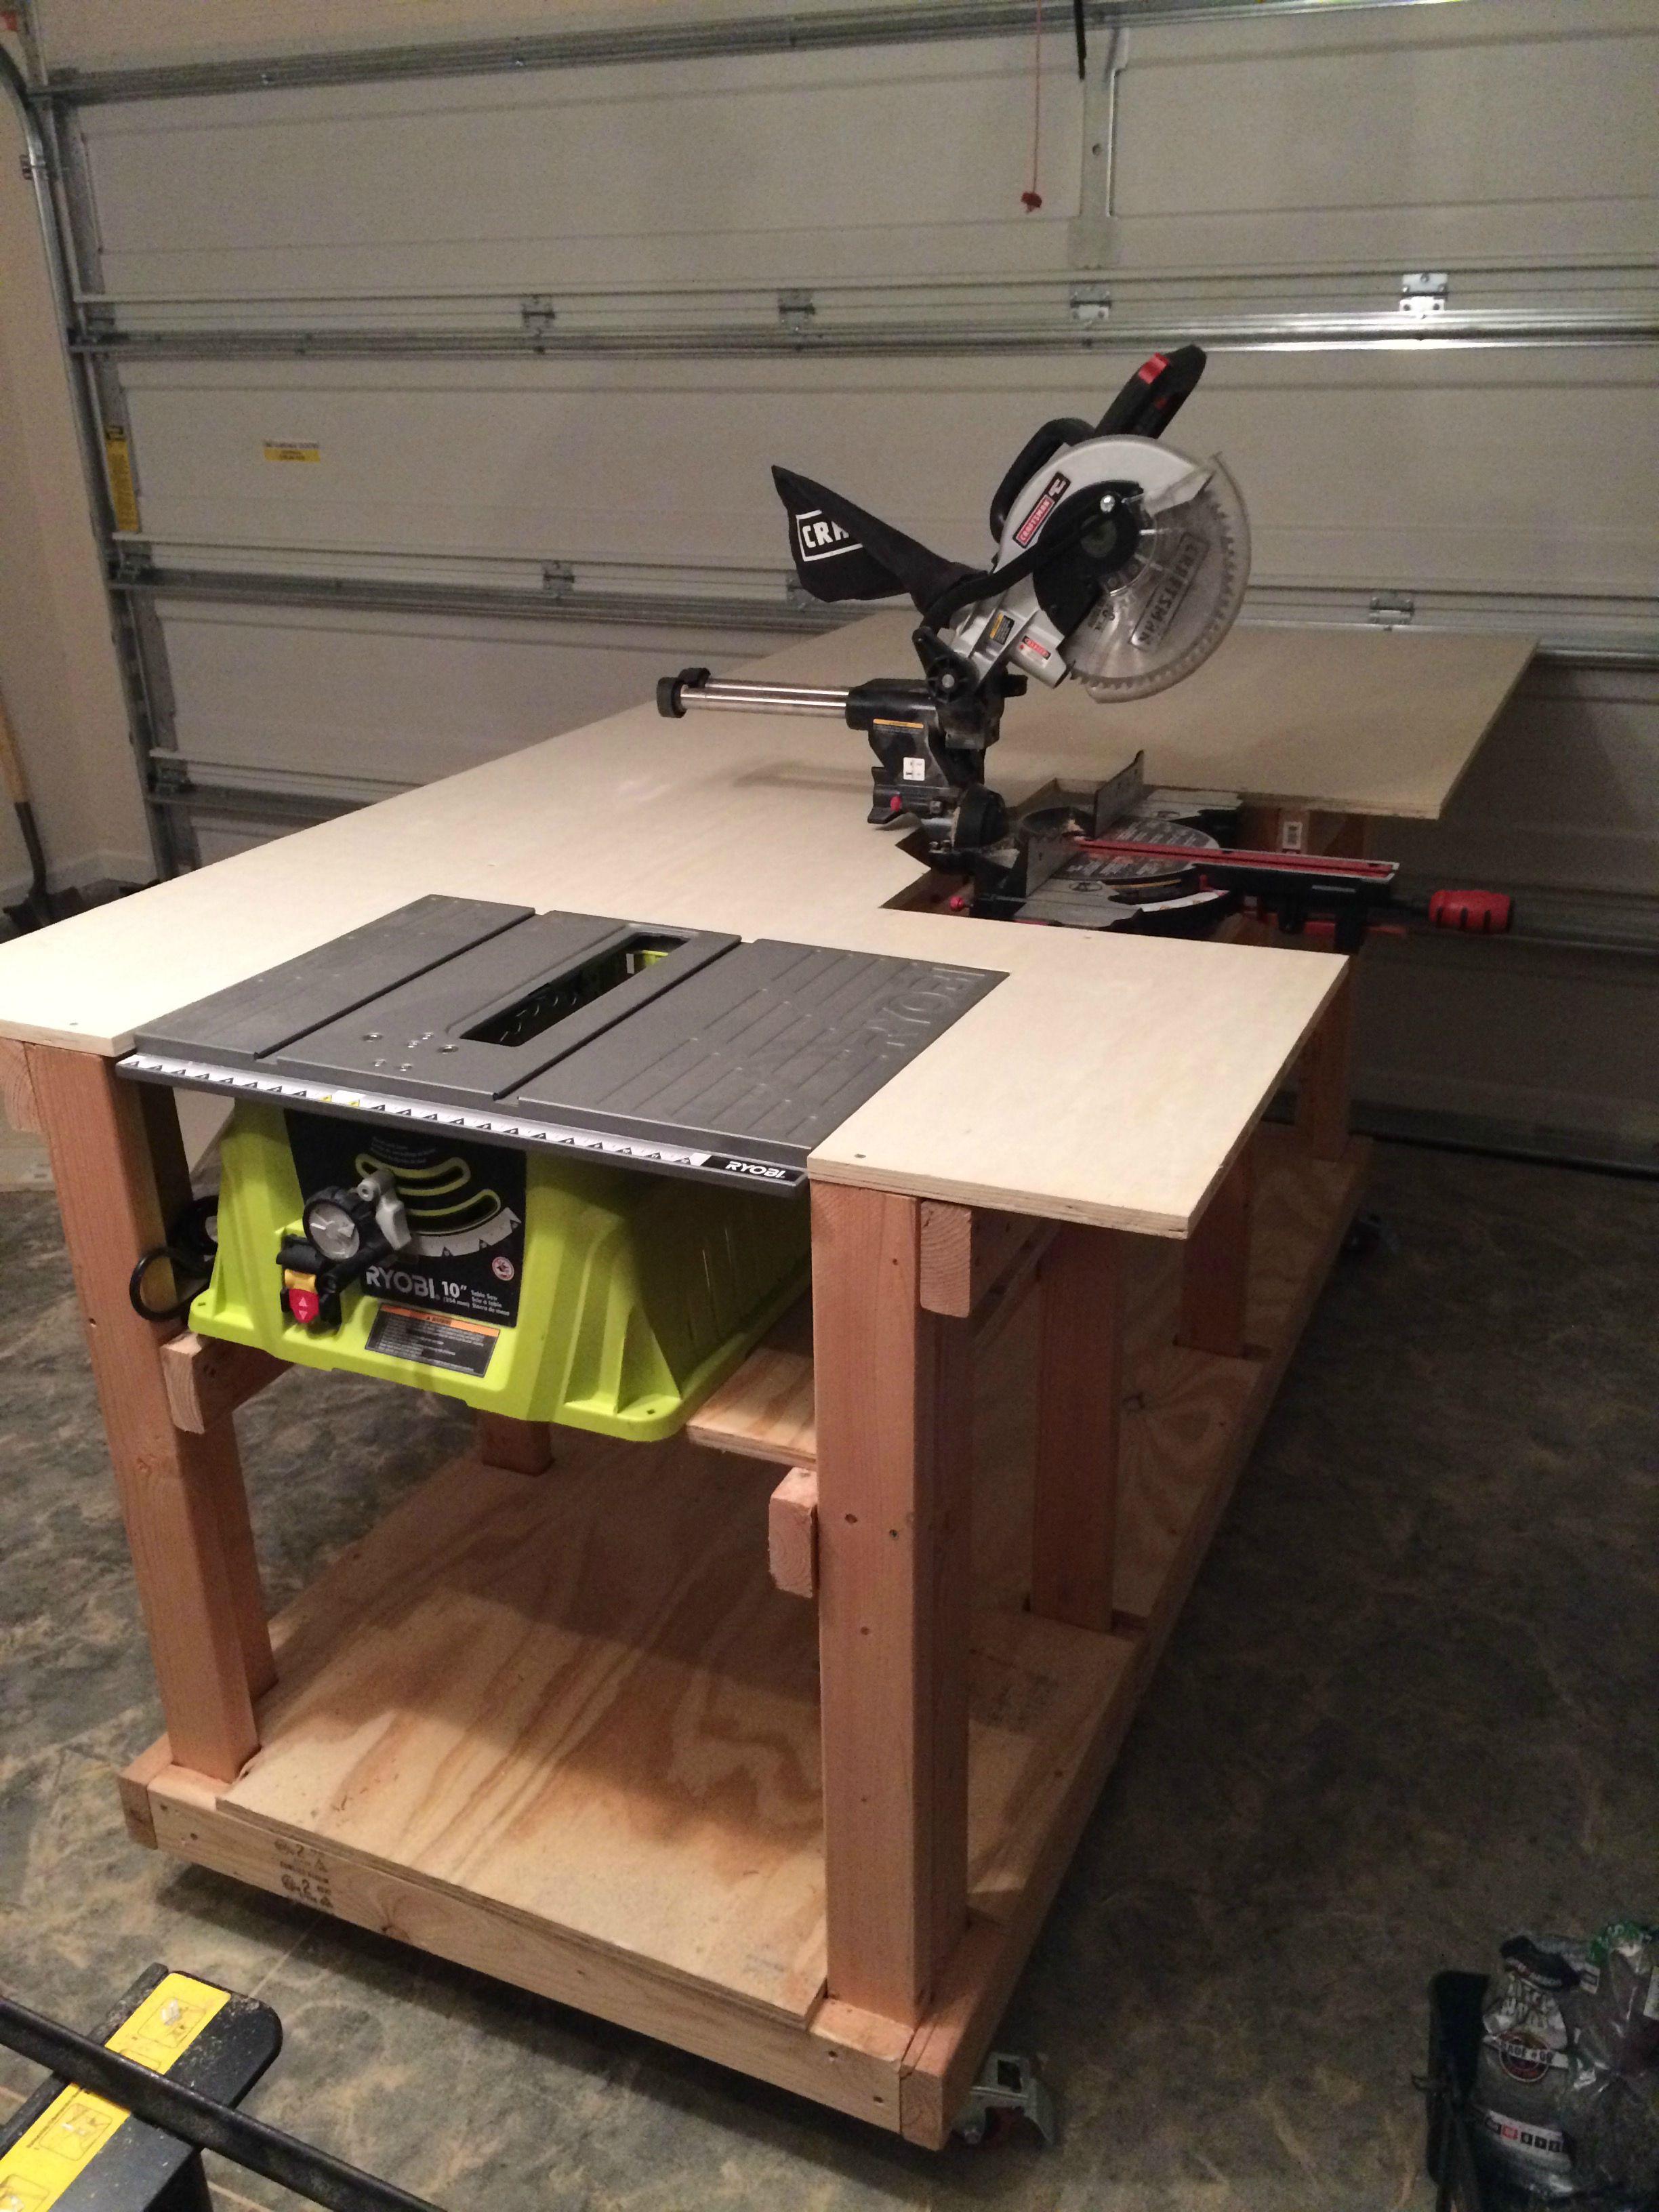 DIY Workbench Diy workbench, Woodworking workbench, Diy